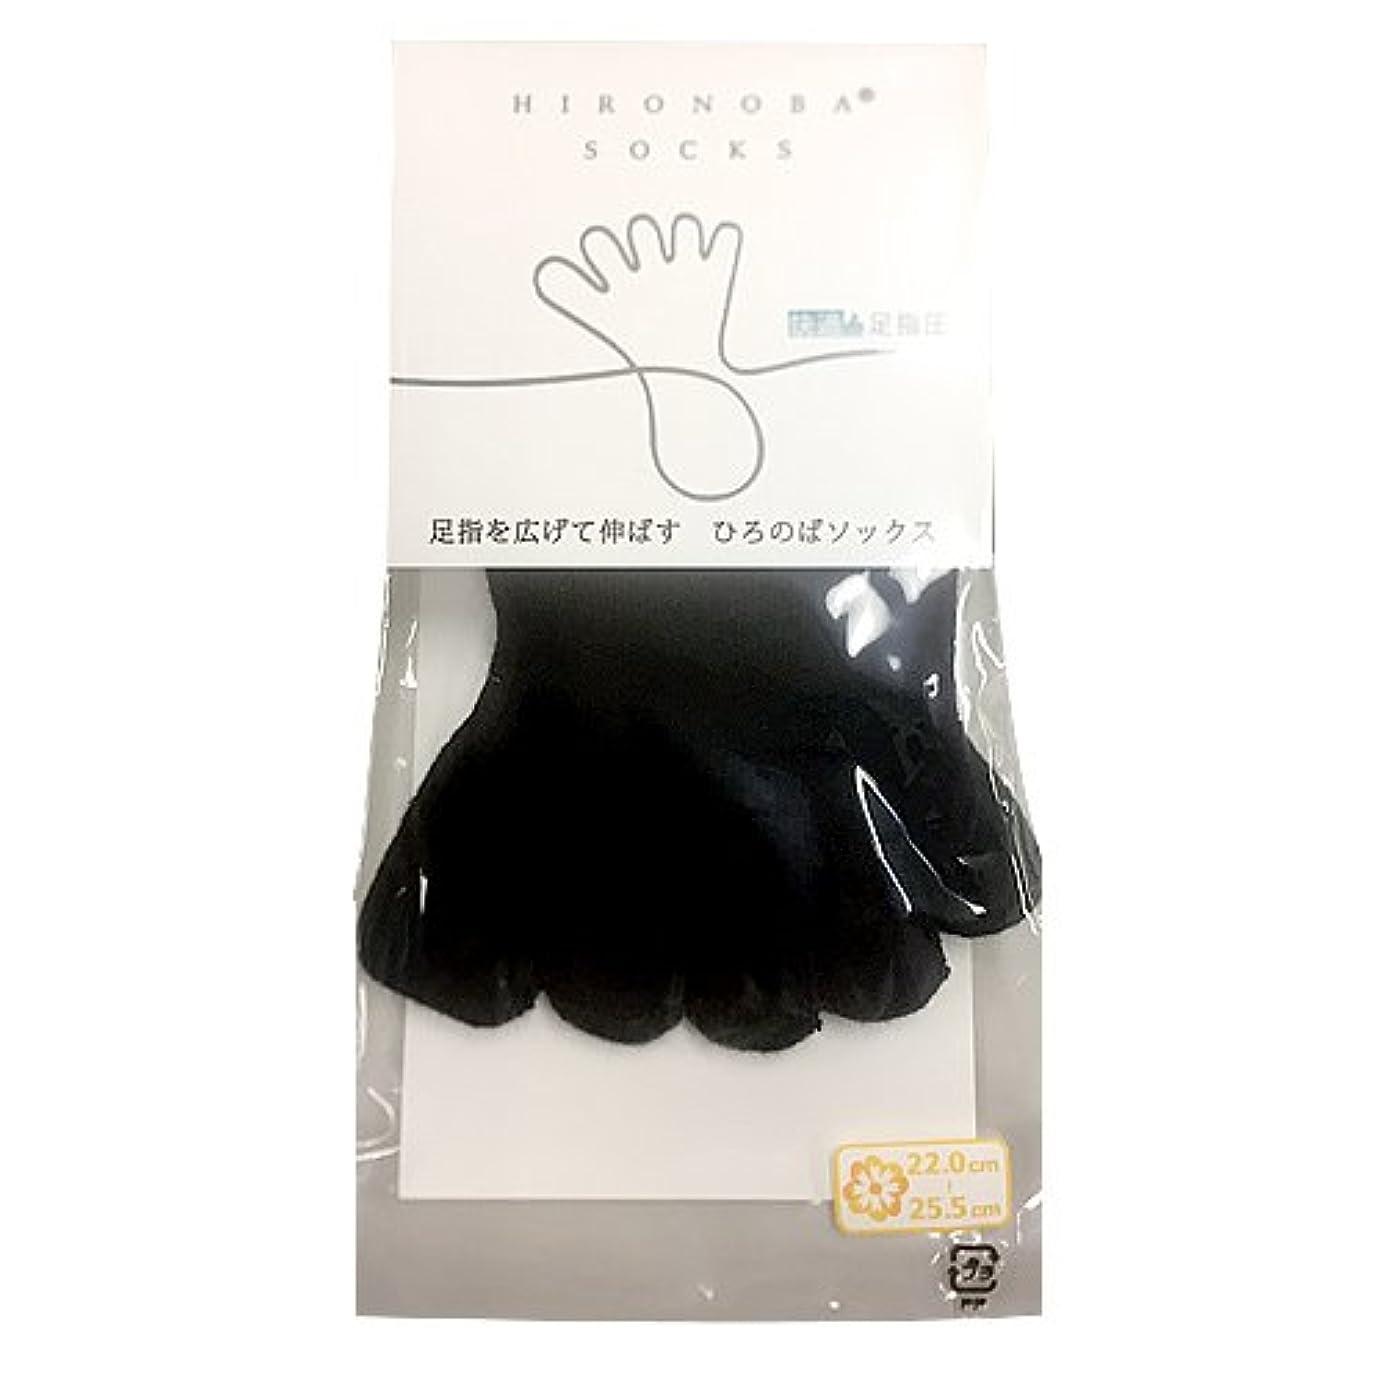 陰気困っためまいがひろのば(ゆびのば)ソックス レギュラー ブラック 足長(22~25.5cm) 矯正5本指ソックス